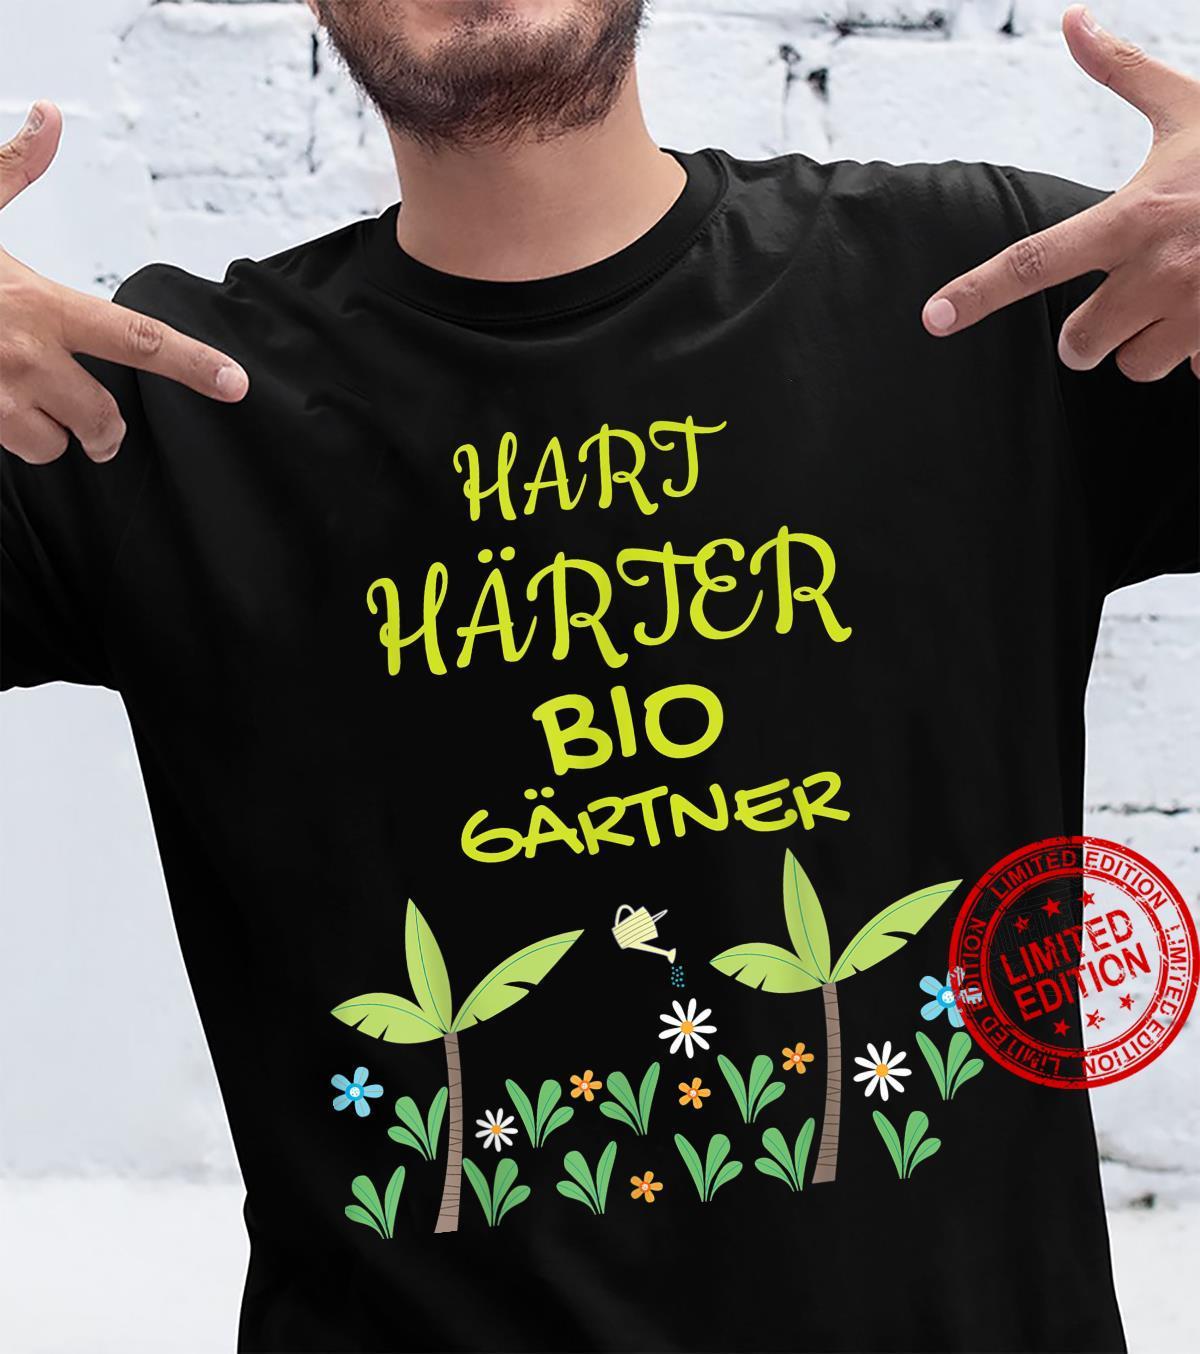 Bio Gärtner Hobbygärtner Geschenkidee lustiger Spruch Shirt